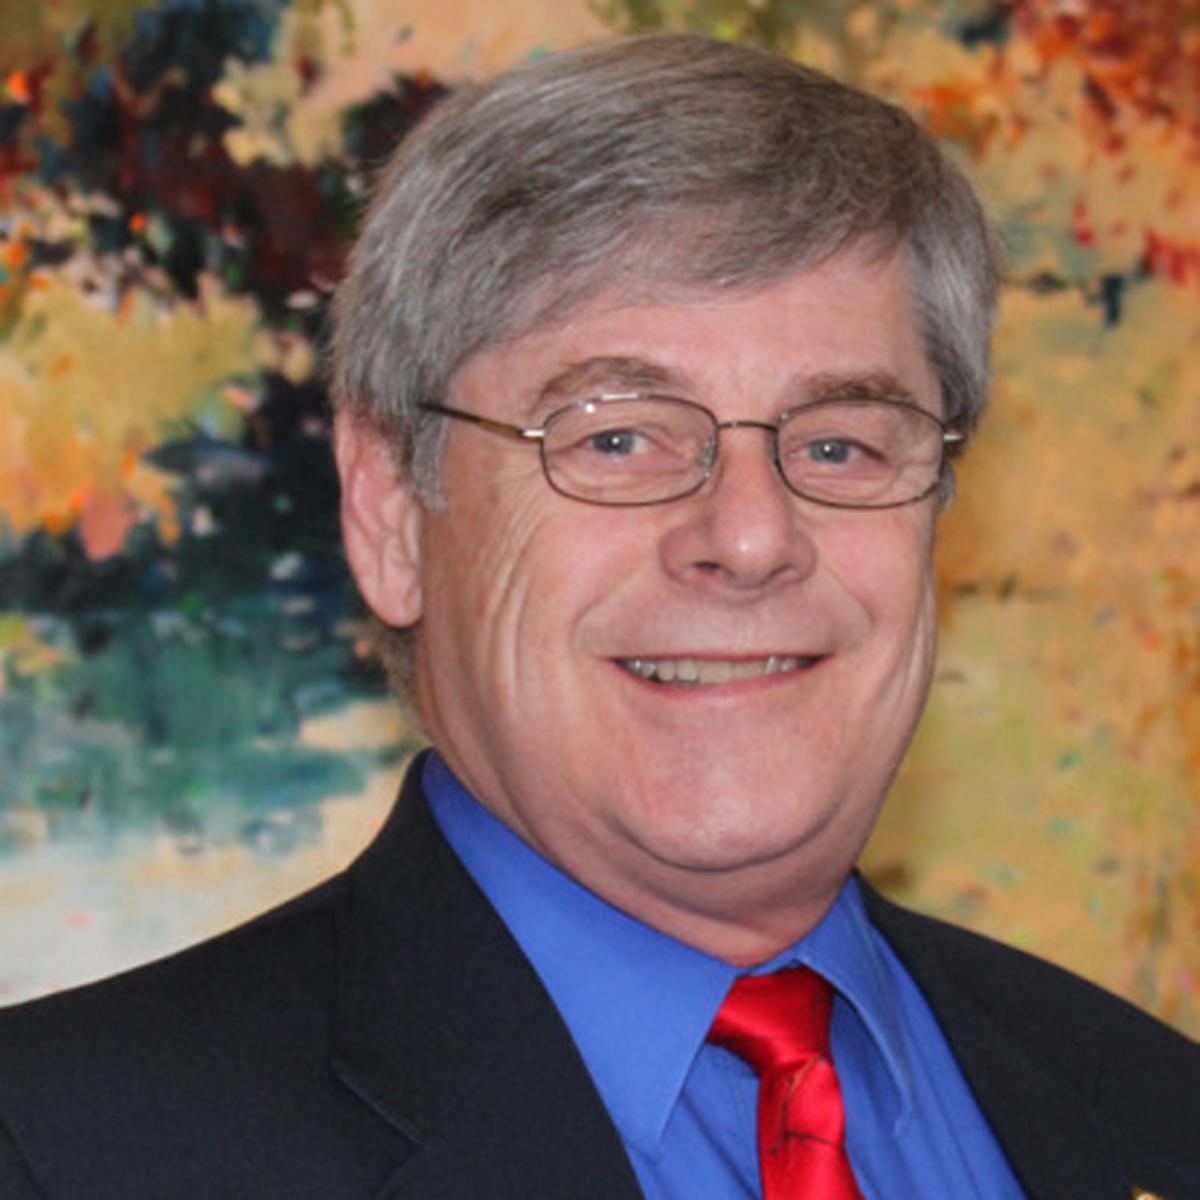 Jim Kinnett